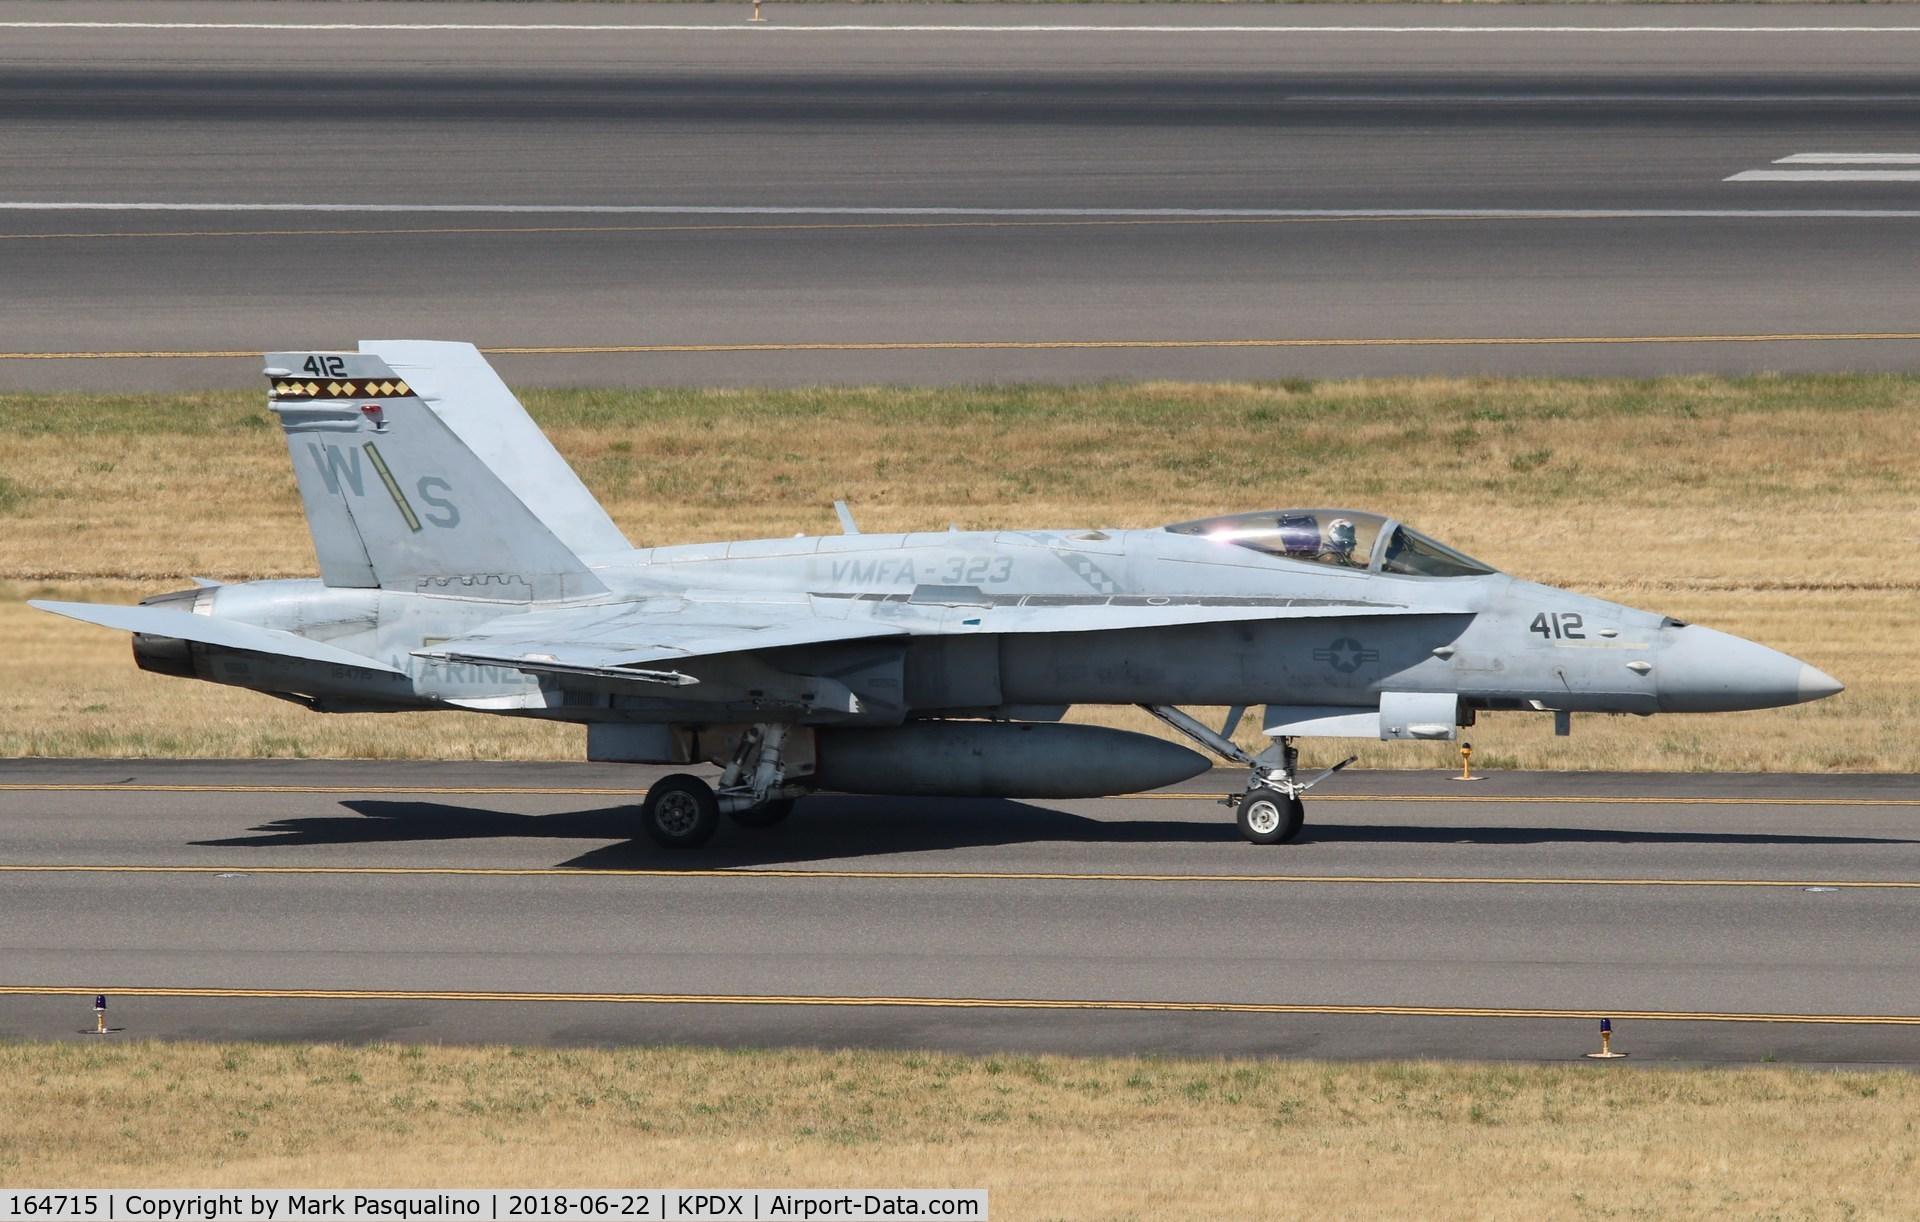 164715, McDonnell Douglas F/A-18C Hornet C/N 1160/C318, McDonnell Douglas F/A-18C